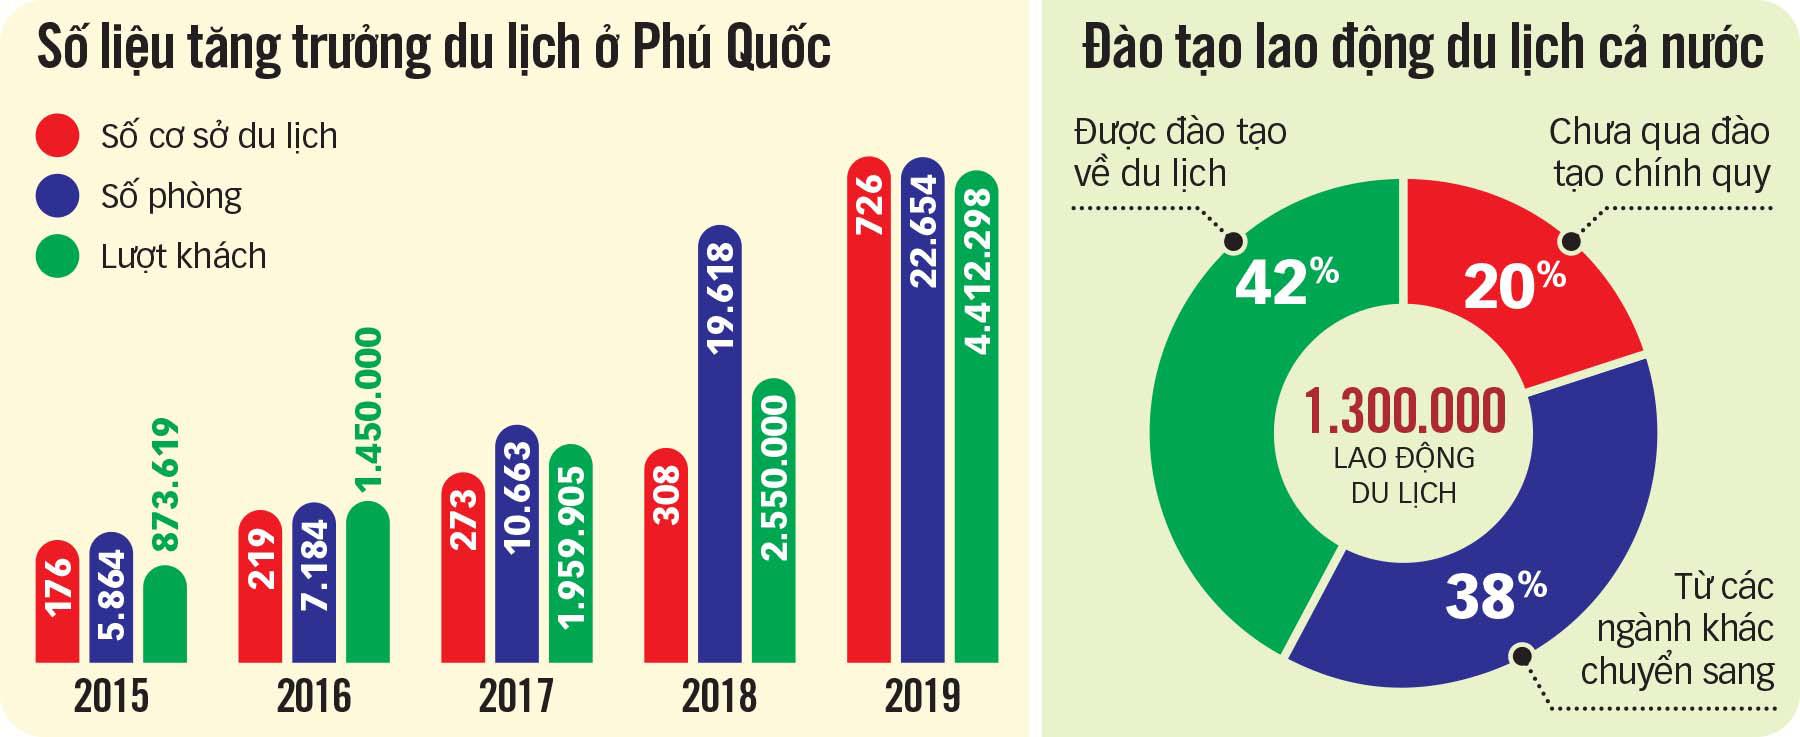 Đồ họa về số liệu tăng trưởng du lịch tại Phú Quốc so với nguông nhâ lực du lịch được đào tạo.  - so-lieu-du-lich-tto-15734340380581132062225 - Phú Quốc thiếu nhân lực du lịch trầm trọng.